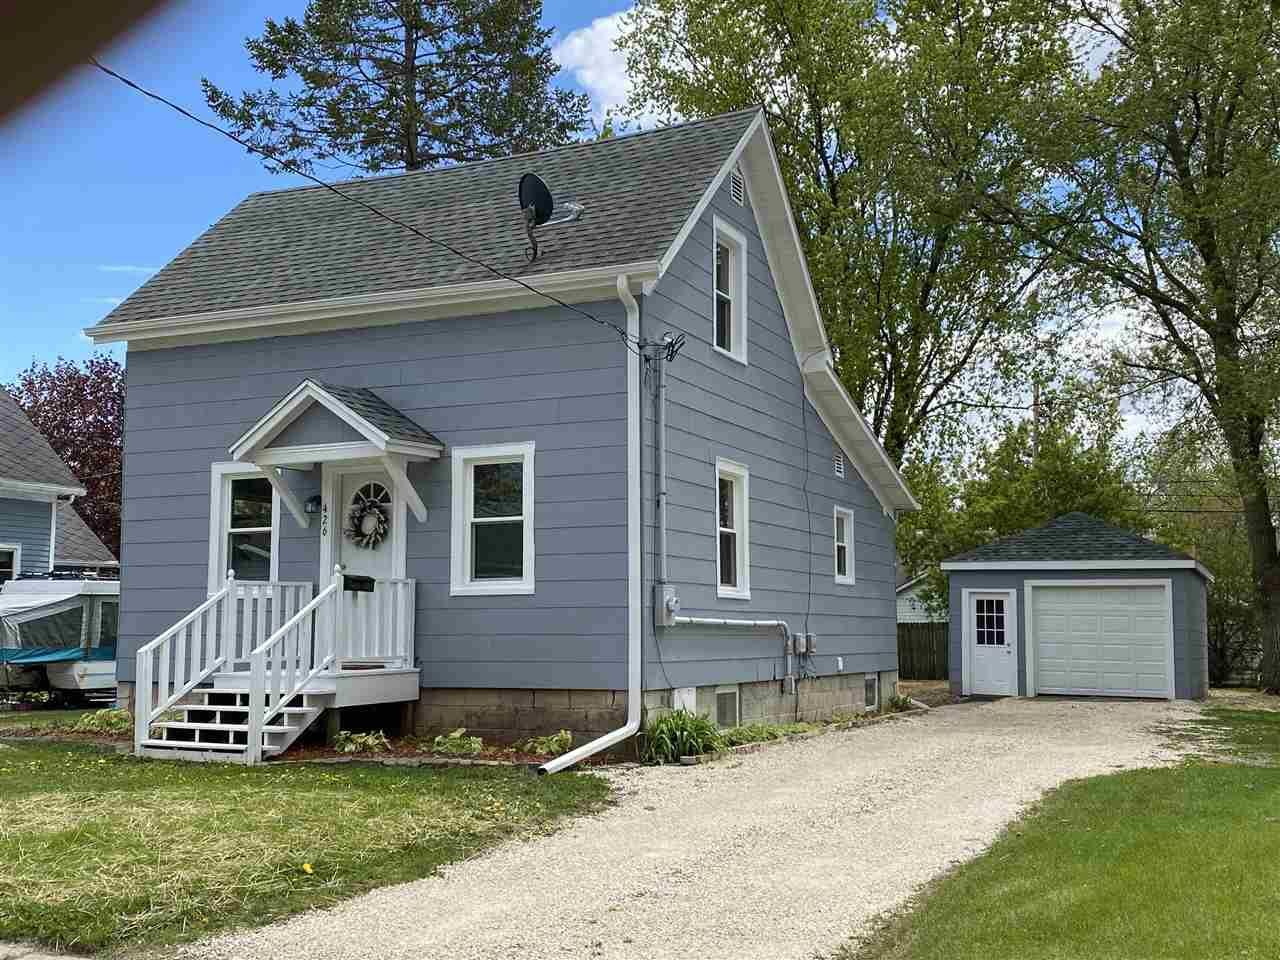 426 RUGGLES Street, Fond du Lac, WI 54935 - MLS#: 50239884